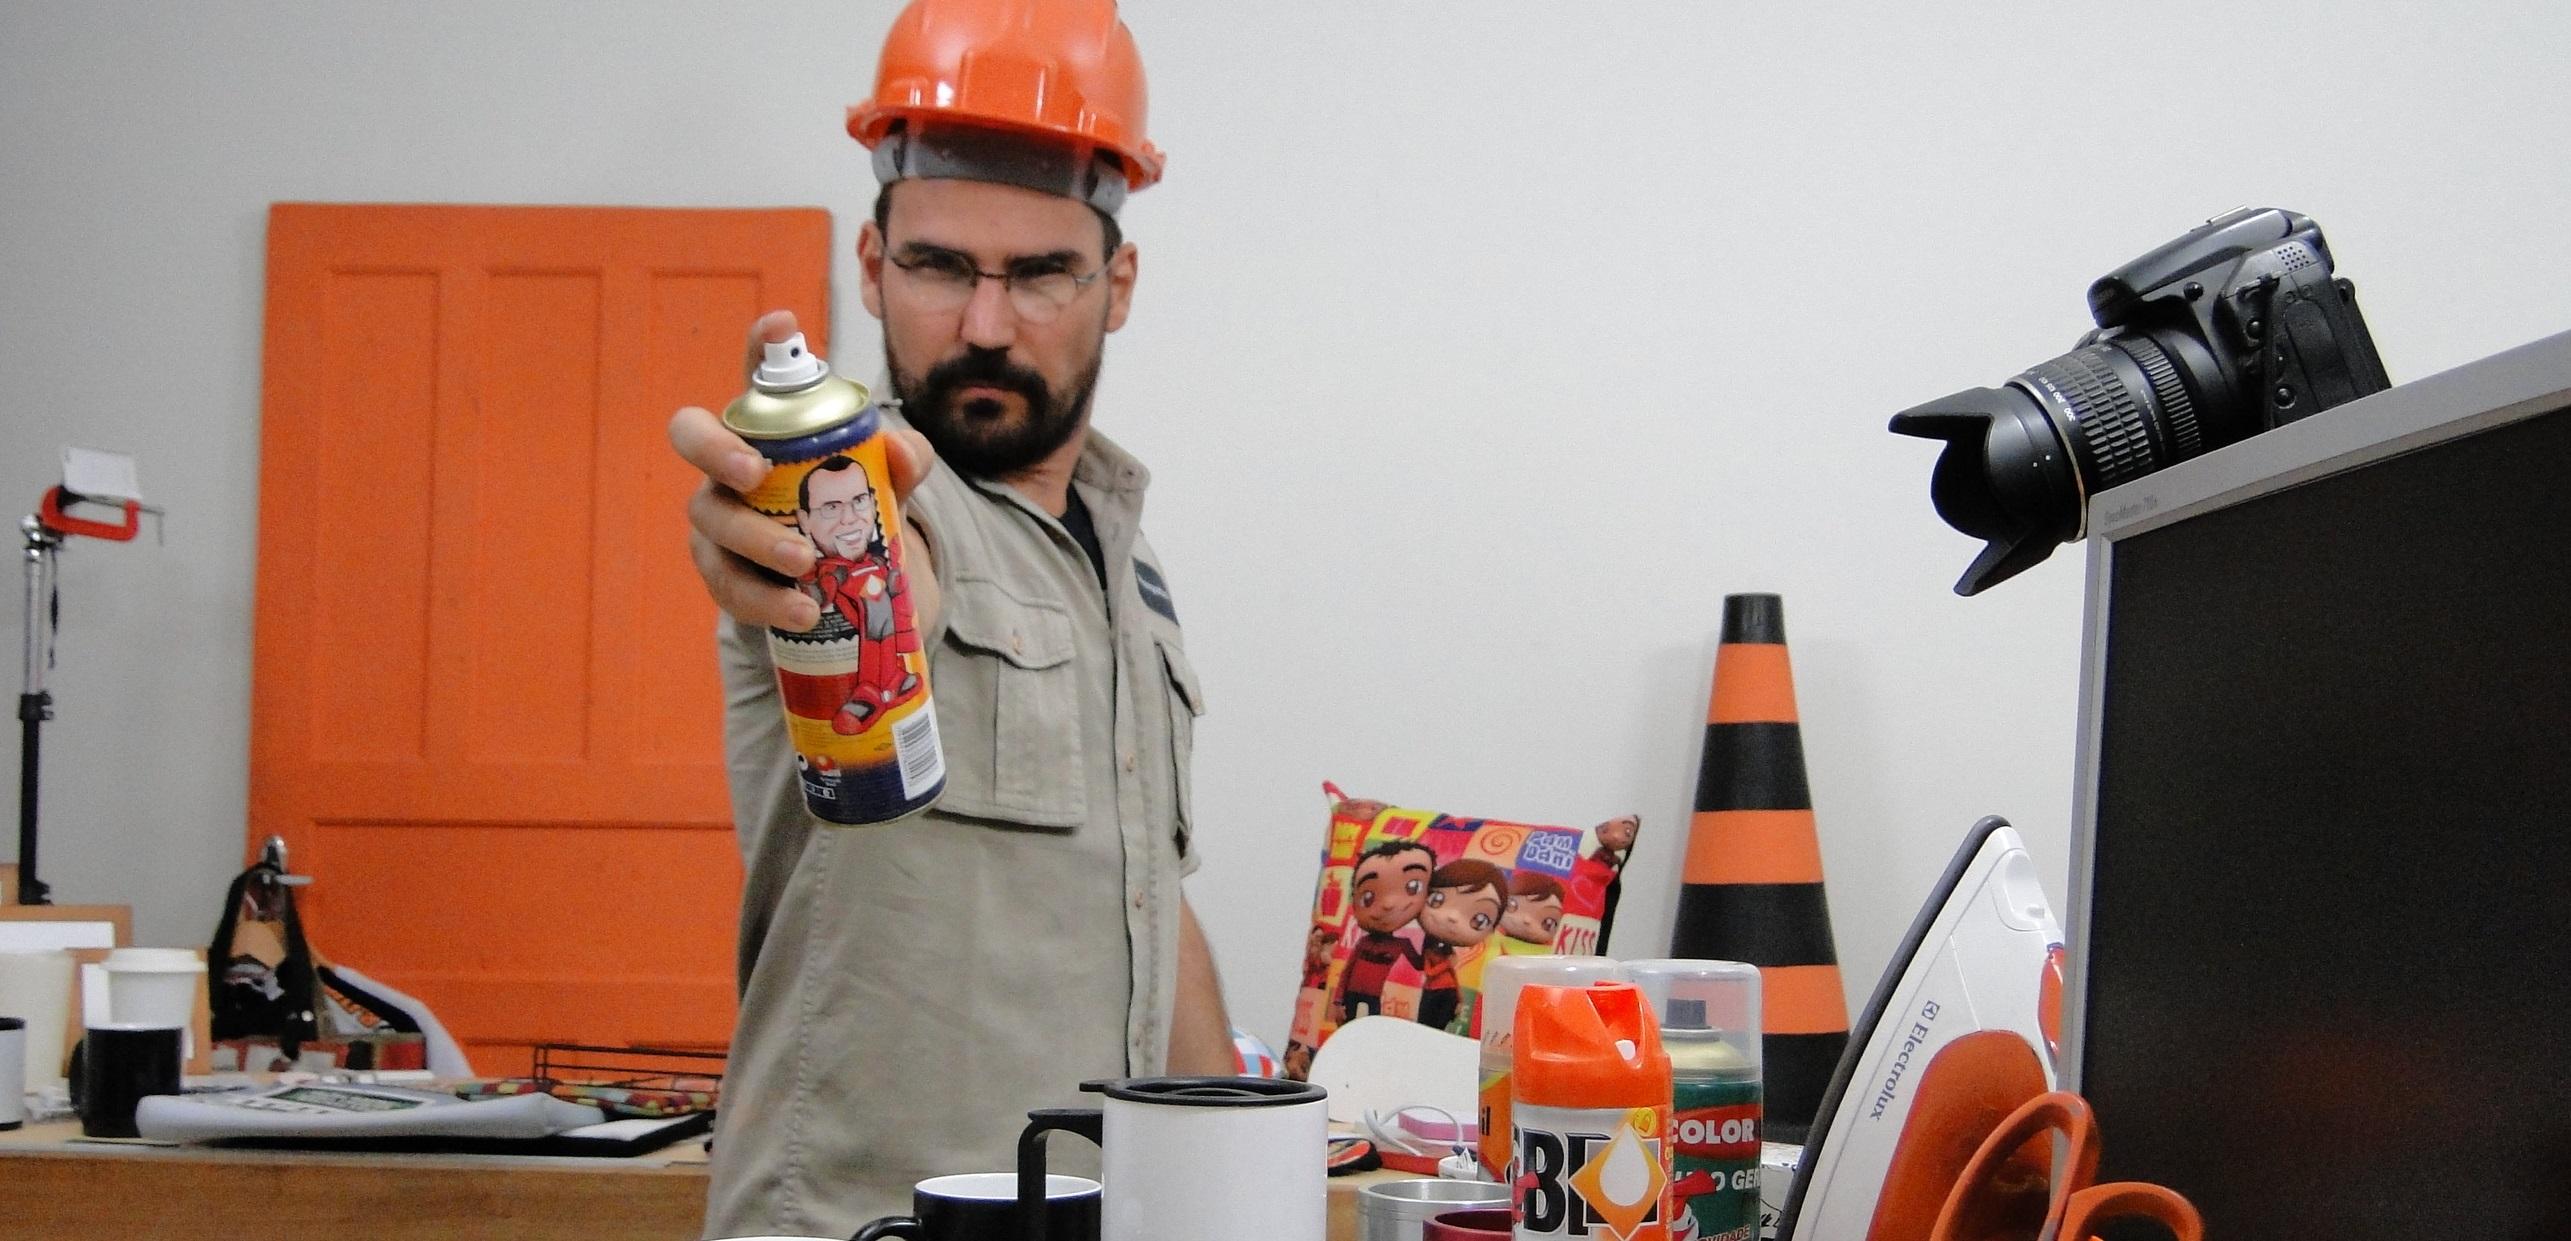 cola-spray-temporaria-01 Cola Spray Temporária - Elimine os Fantasmas da Sublimação!